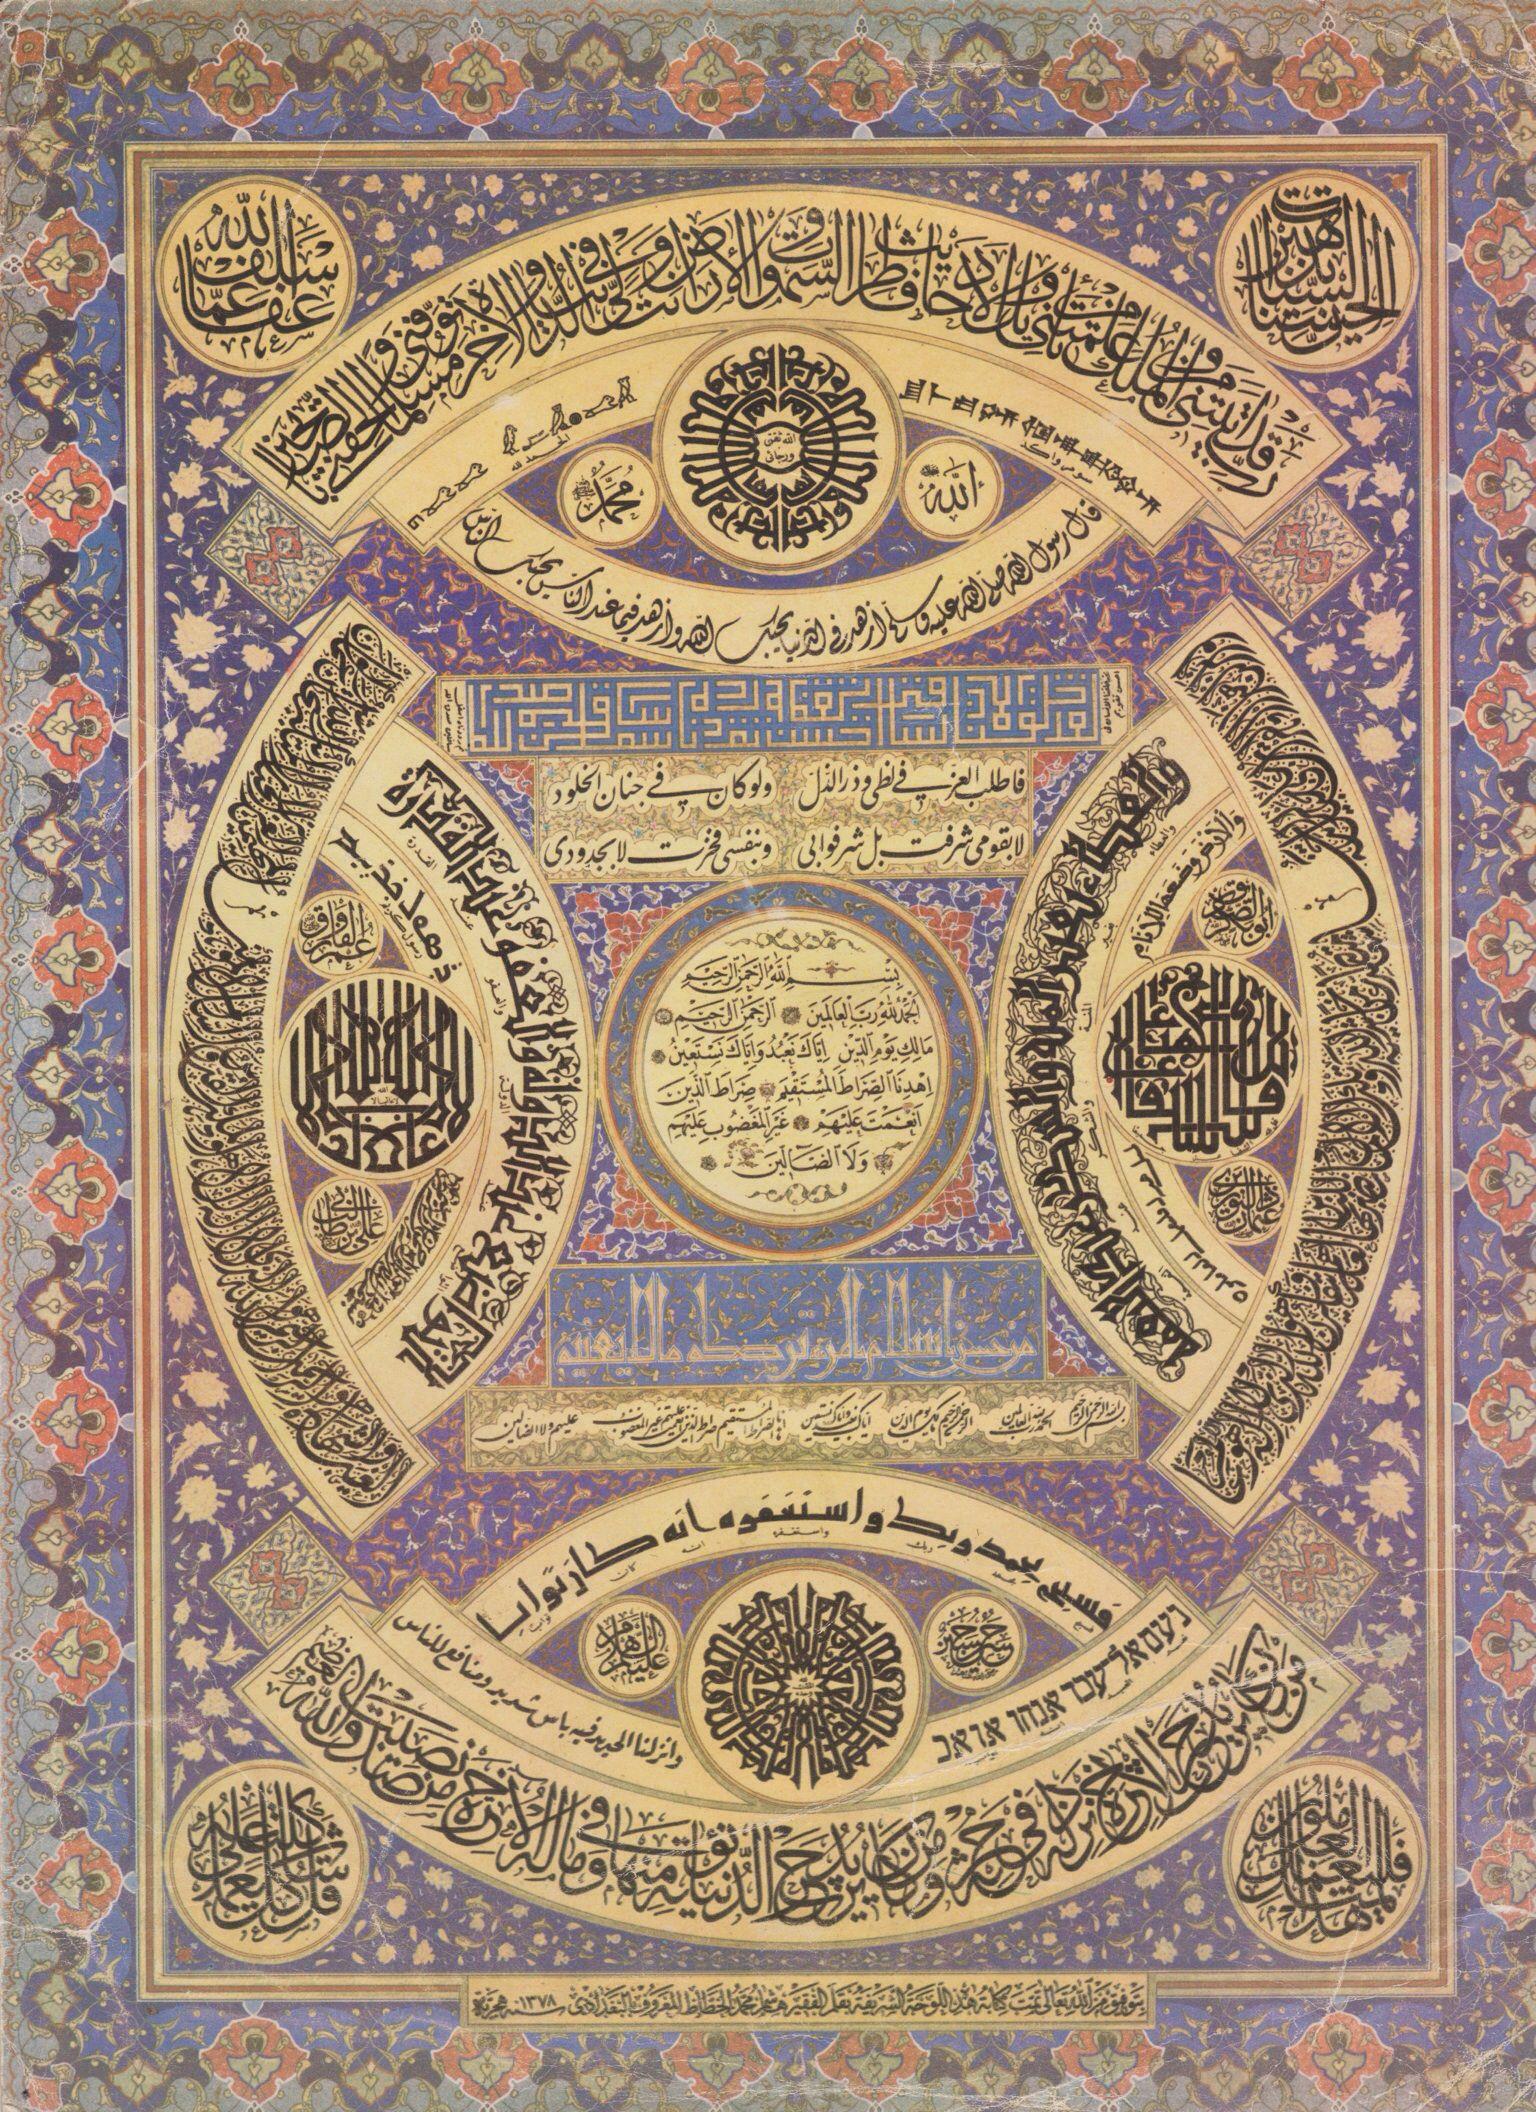 اللوحة الشريفة جامعة لكل انواع الخط من اعمال الخطاط البغدادي هاشم Islamic Paintings Islamic Art Calligraphy Islamic Art